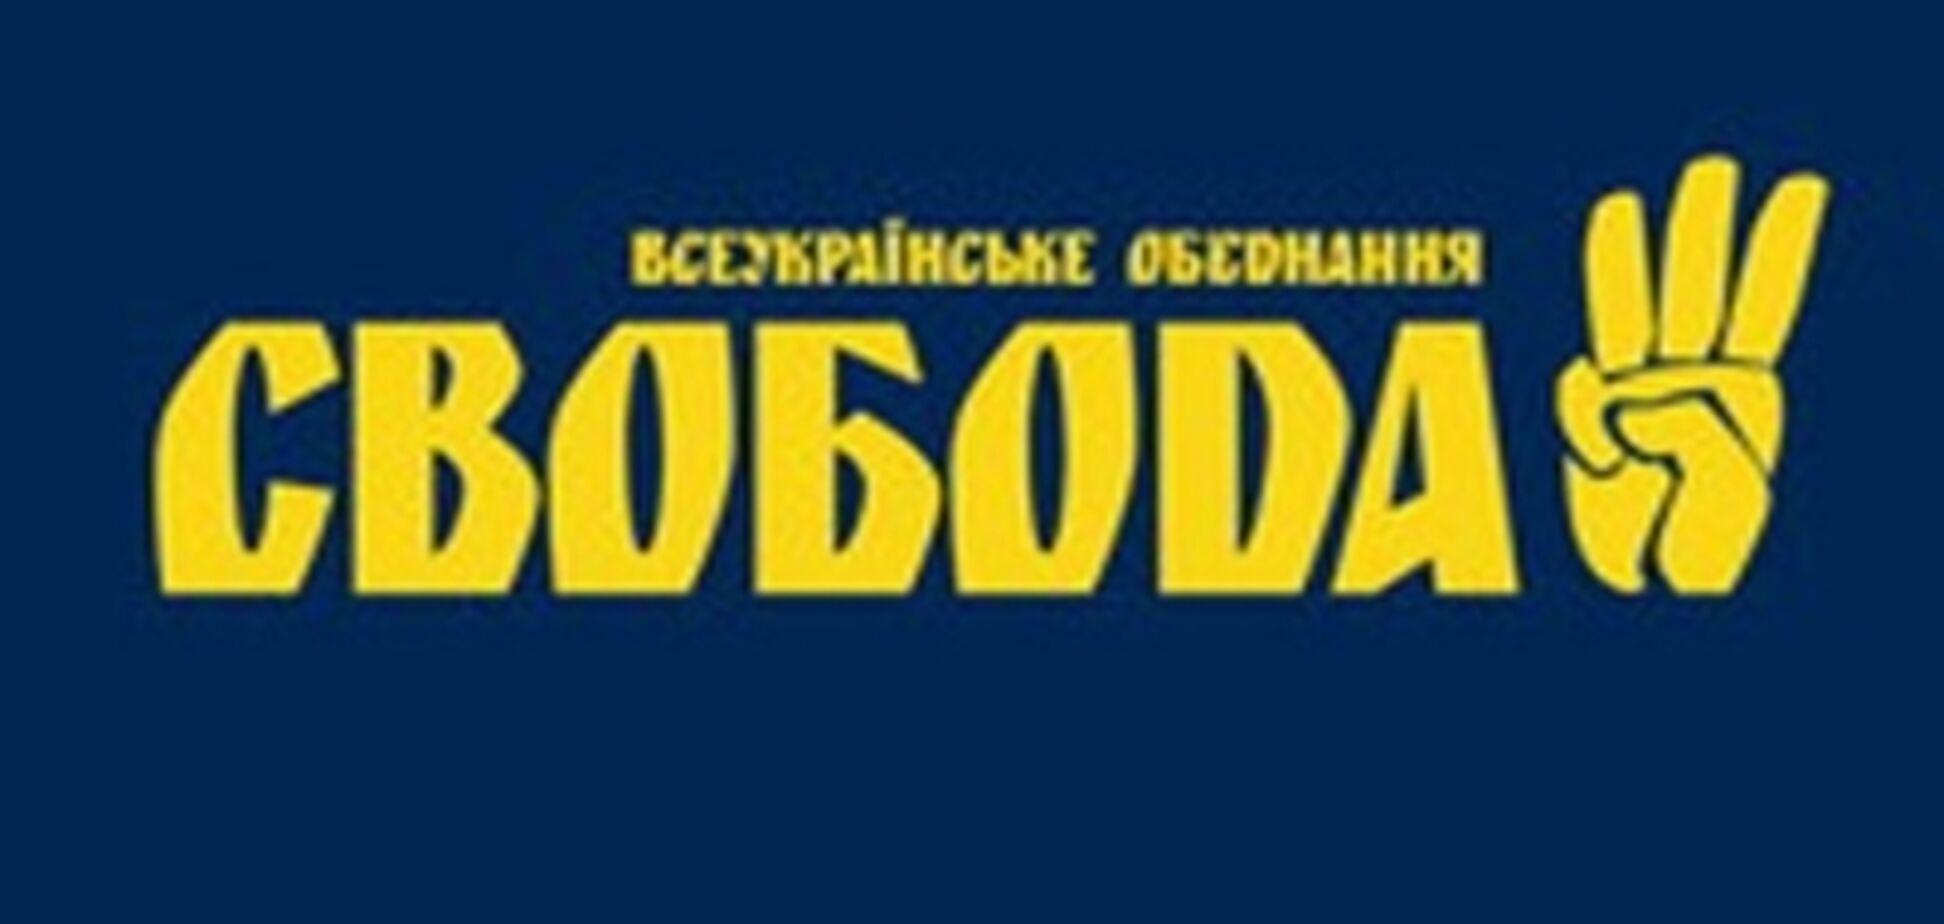 'Свобода' вважає безглуздим проведення всеукраїнського консультативного опитування